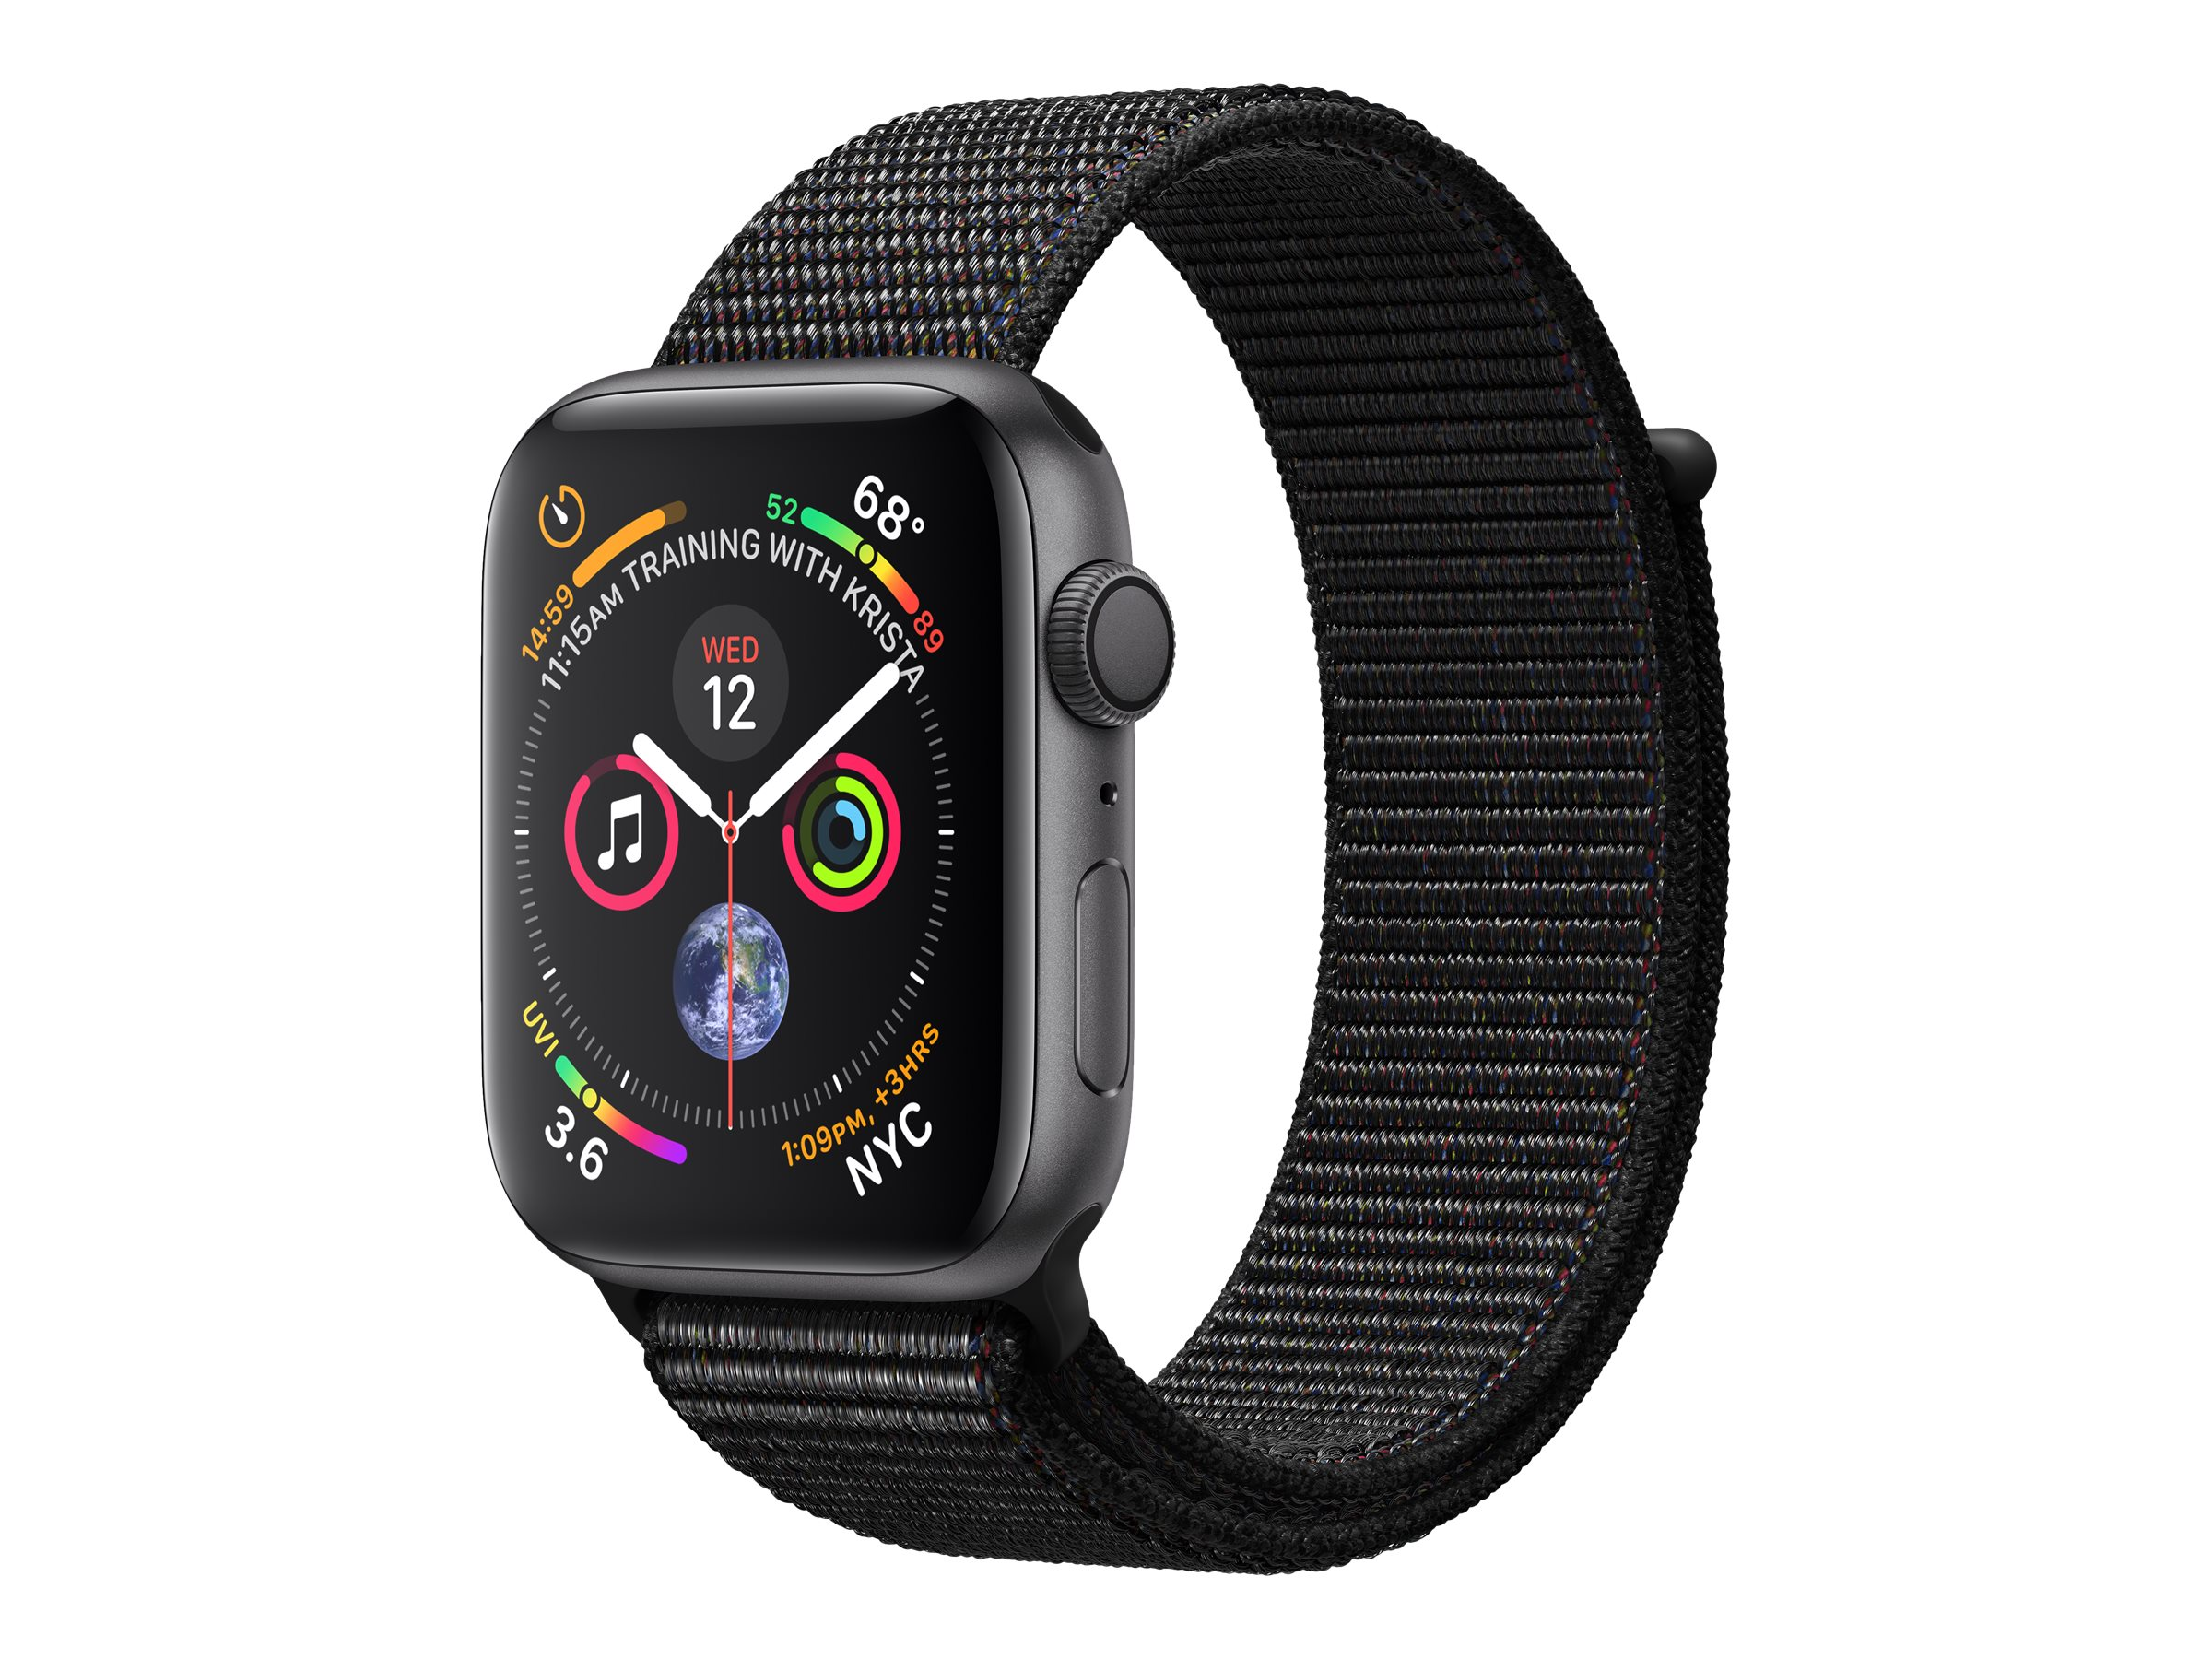 fd08da36dcd PC-Lager ApS - Smart-ure - Apple Watch Series 4 (GPS) 44 mm Grå Smart ur